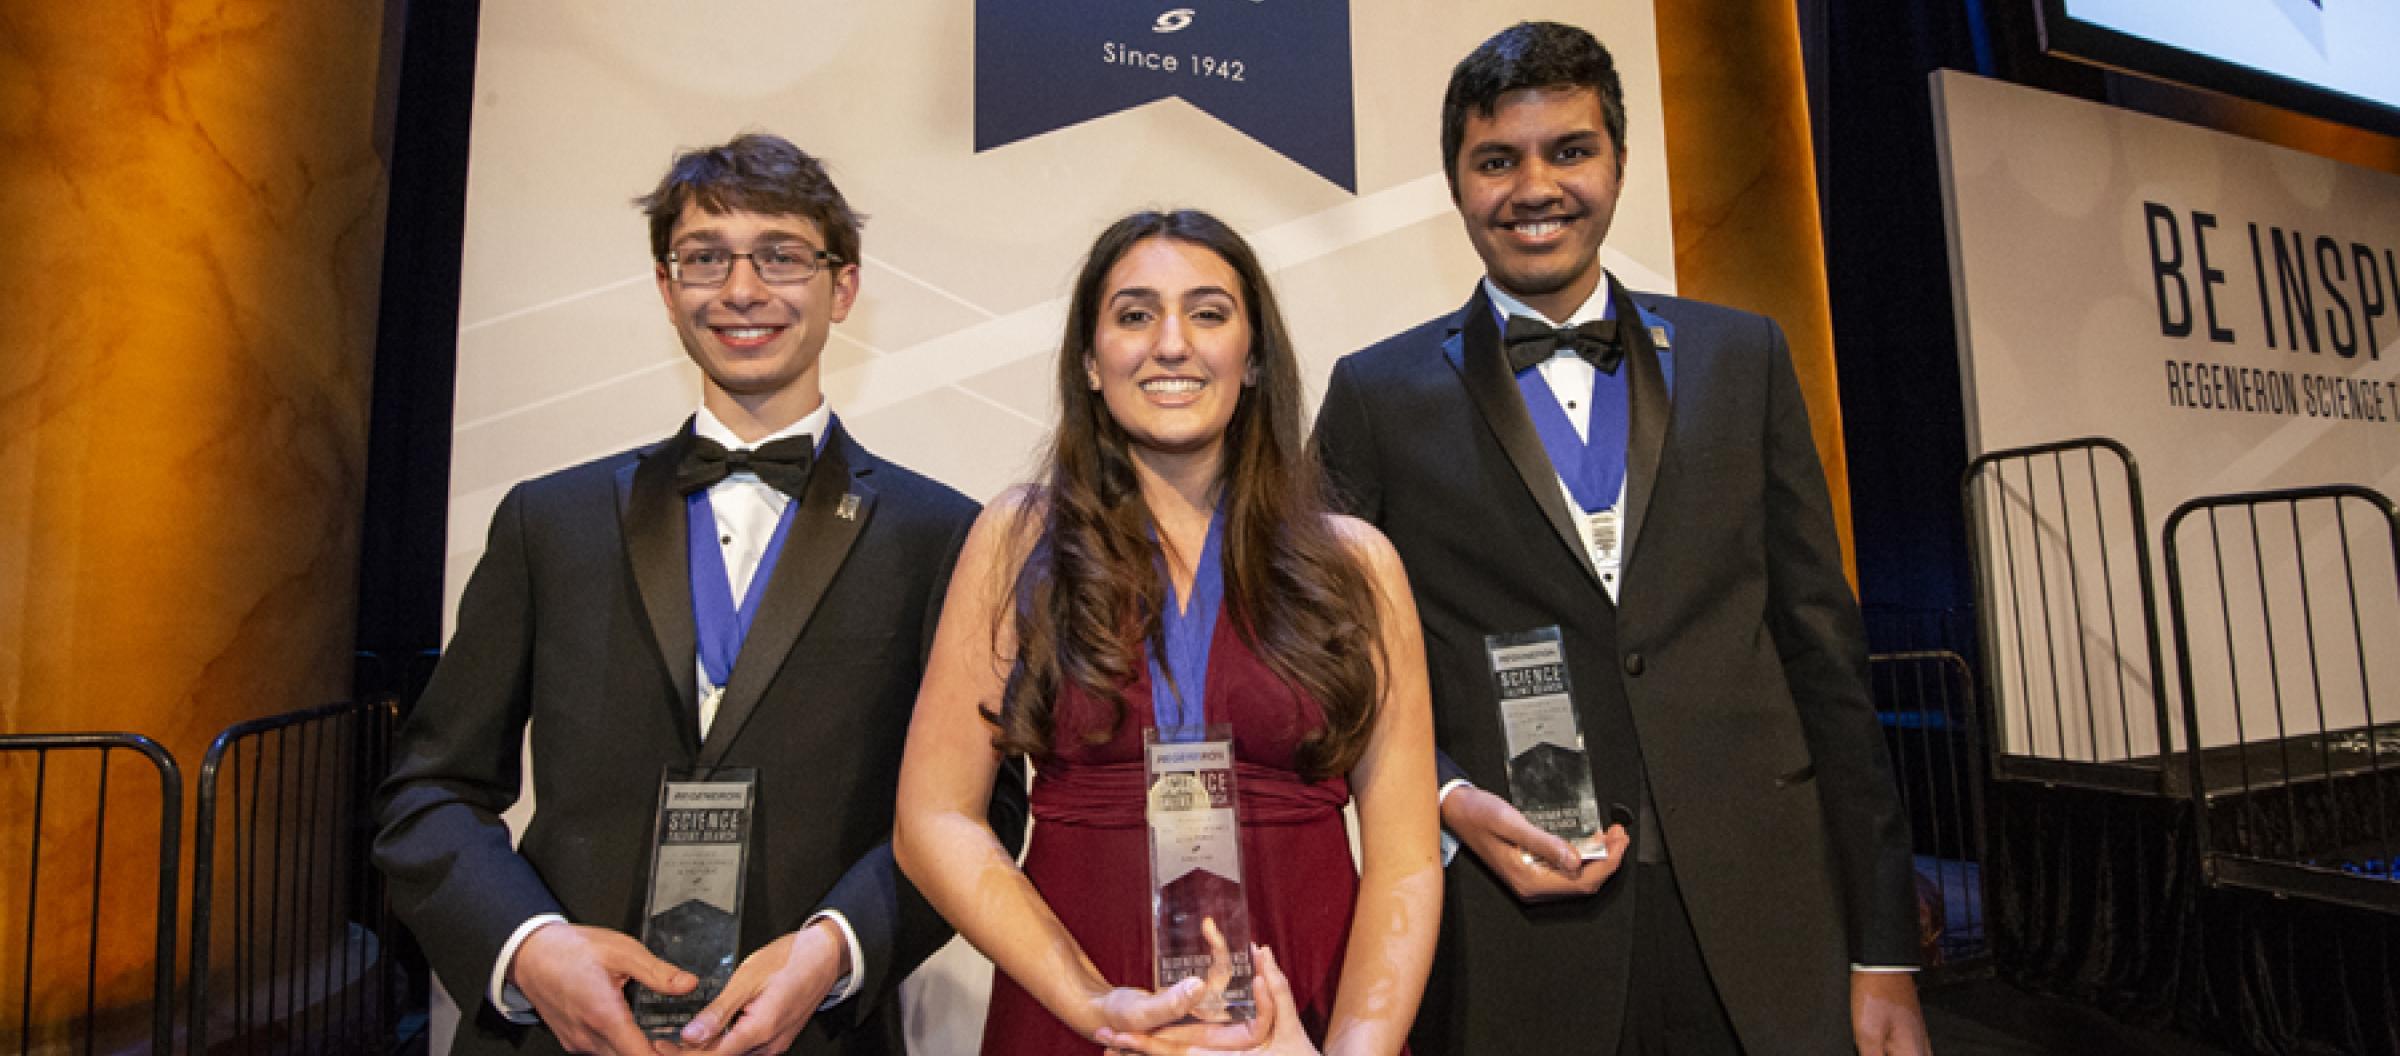 The 2019 Regeneron STS top winners (L-R) Sam Weissman, Ana Humphrey and Adam Ardeishar